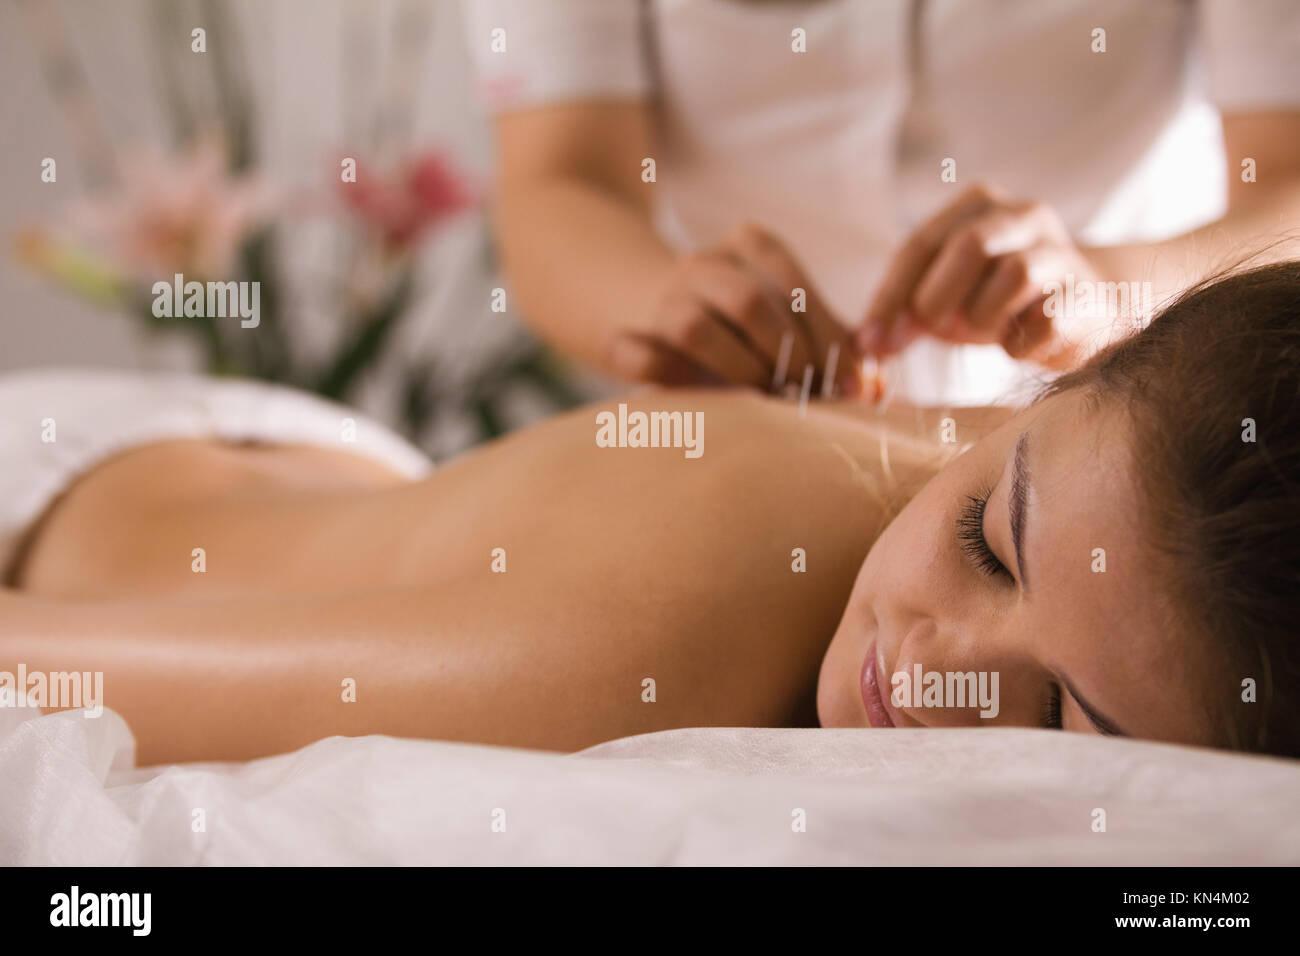 Il medico di bastoni aghi nel corpo della donna in agopuntura - close up Immagini Stock